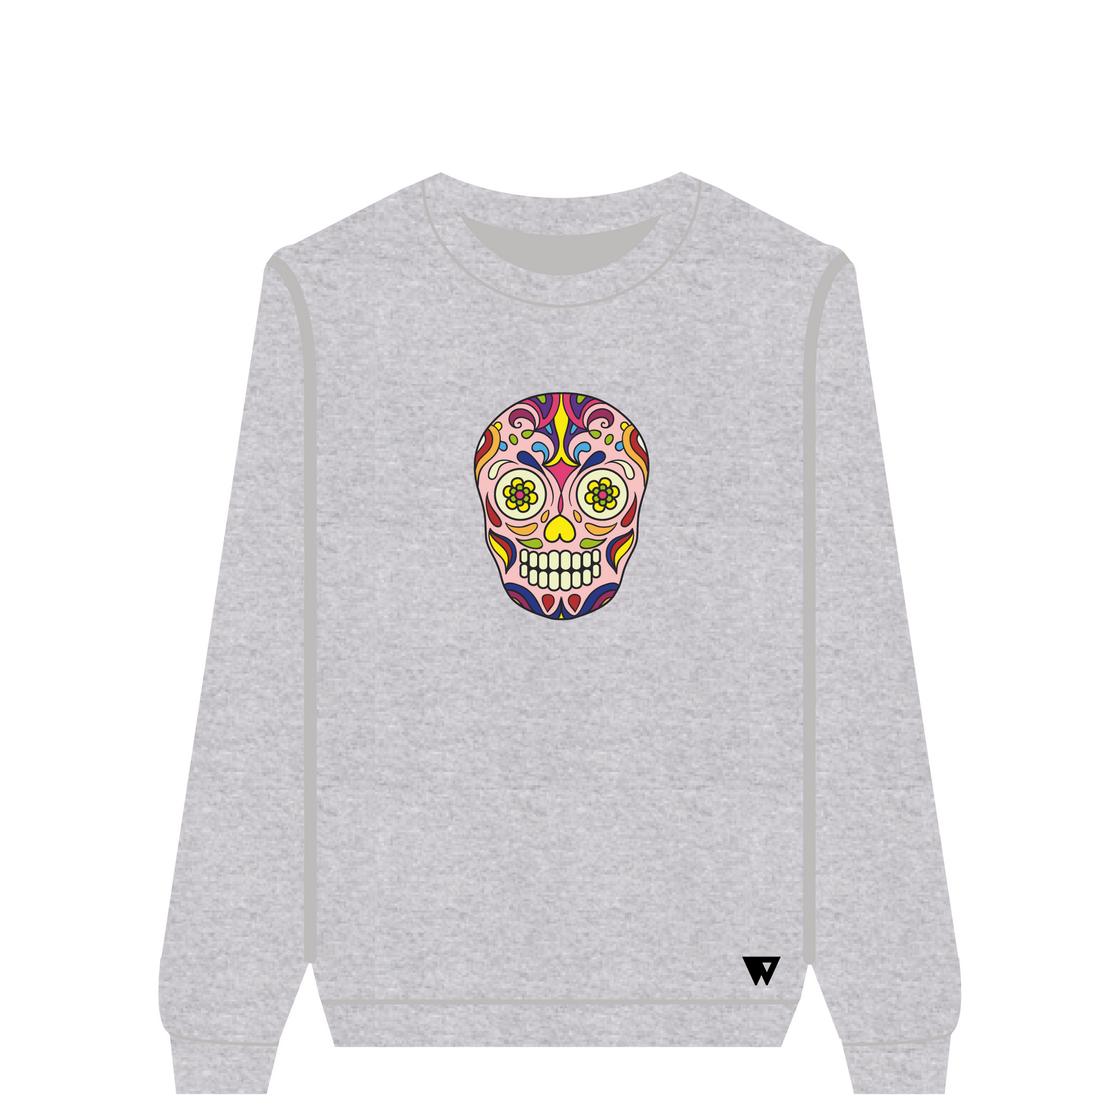 Sweatshirt Pink Skull | Wuzzee